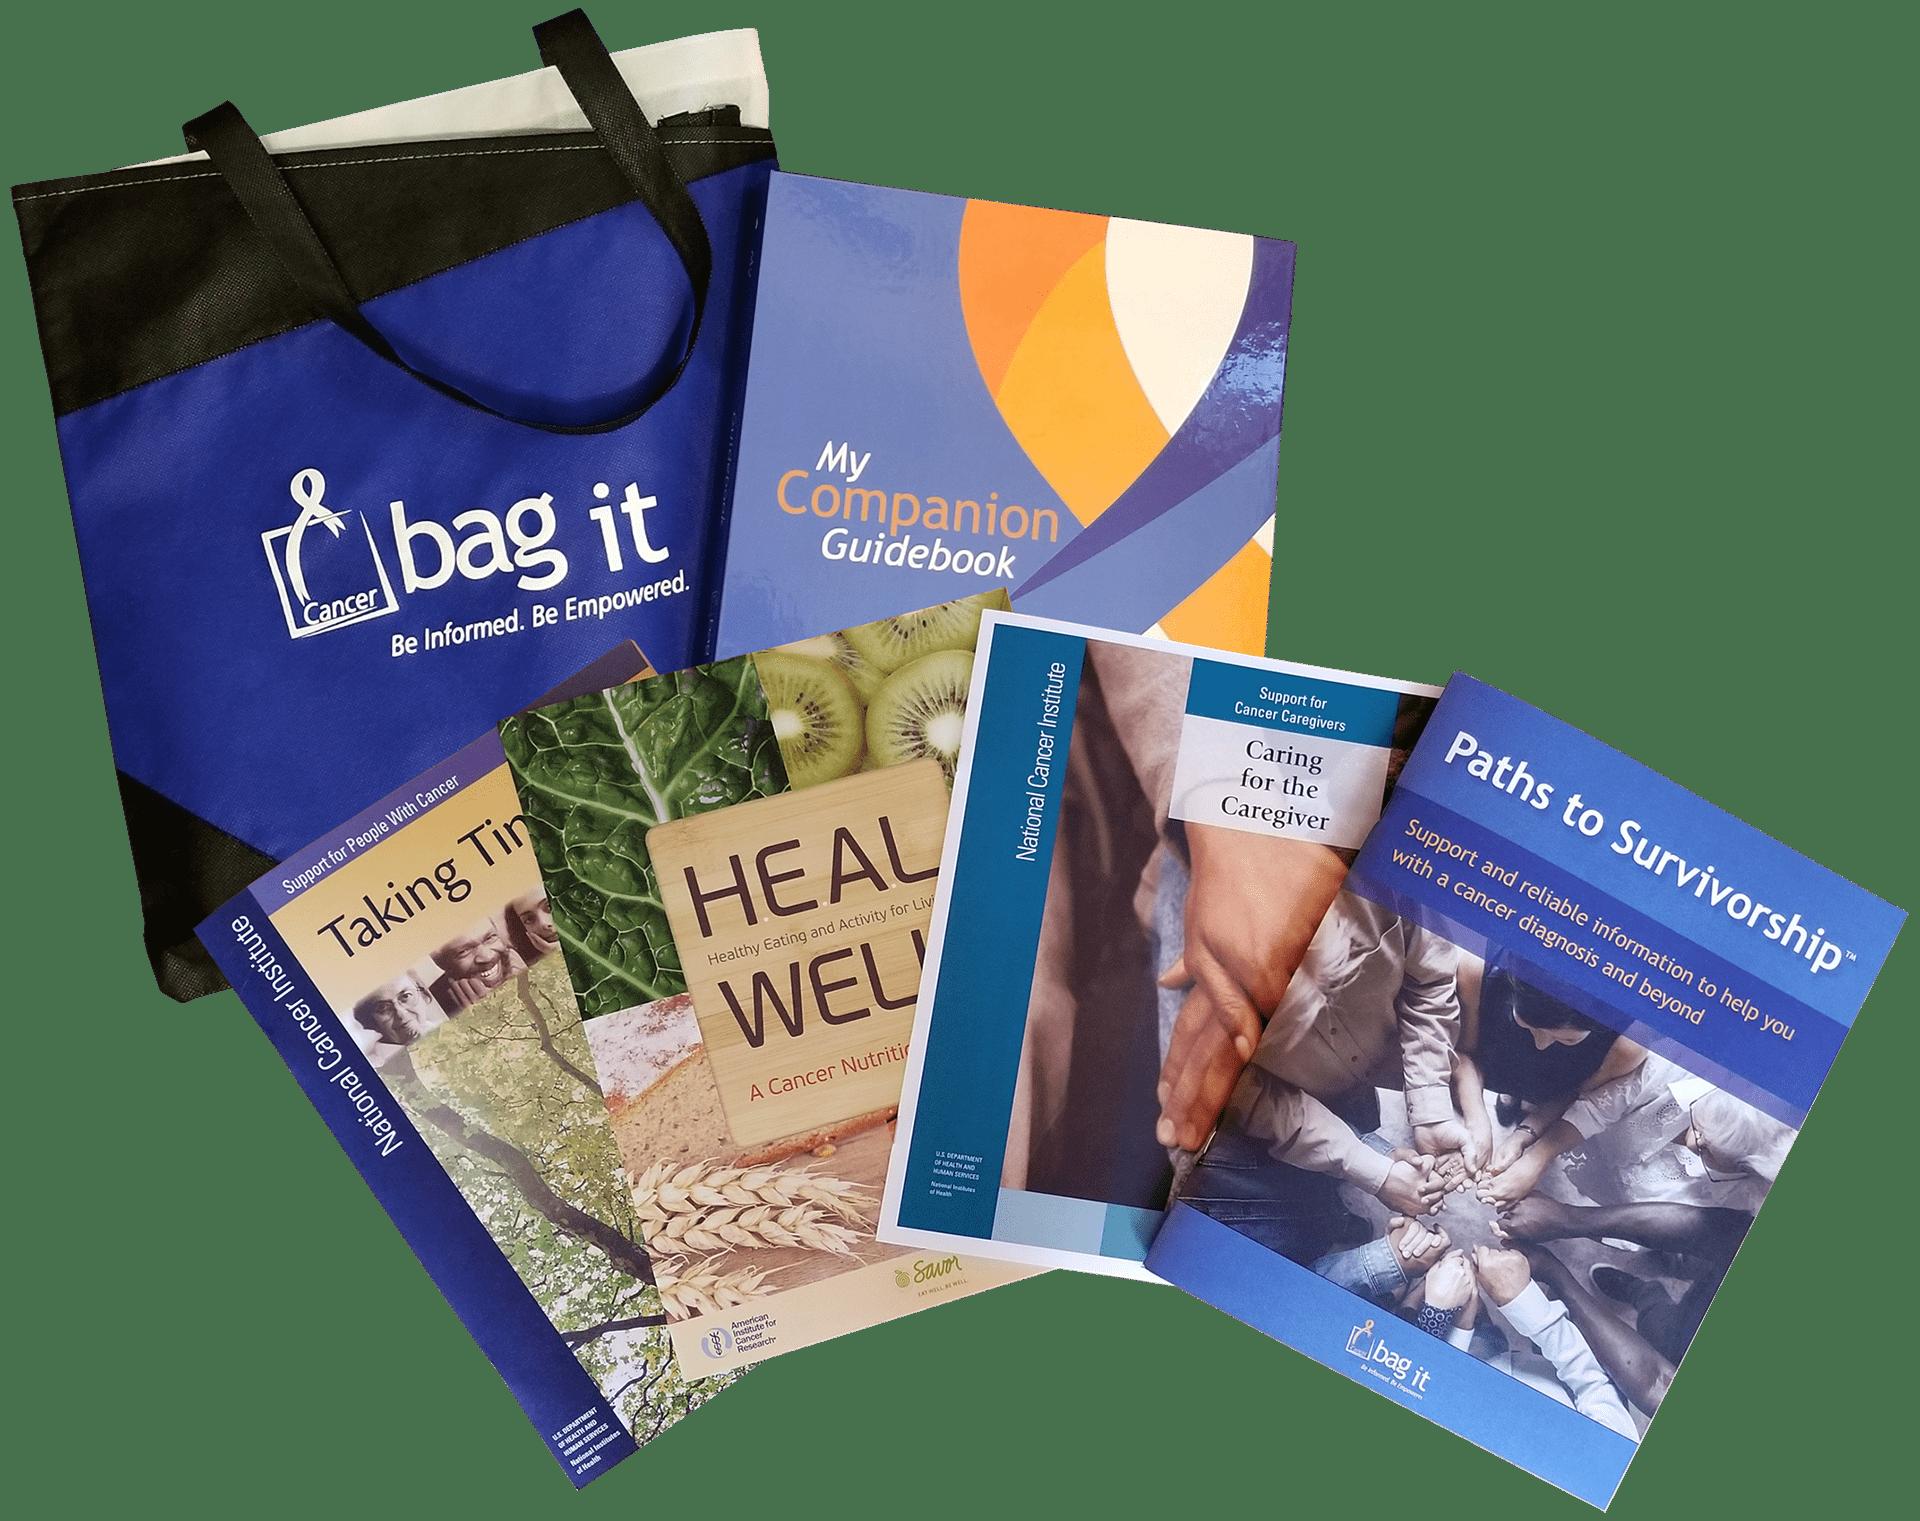 Bag It Guidebook – Bag It